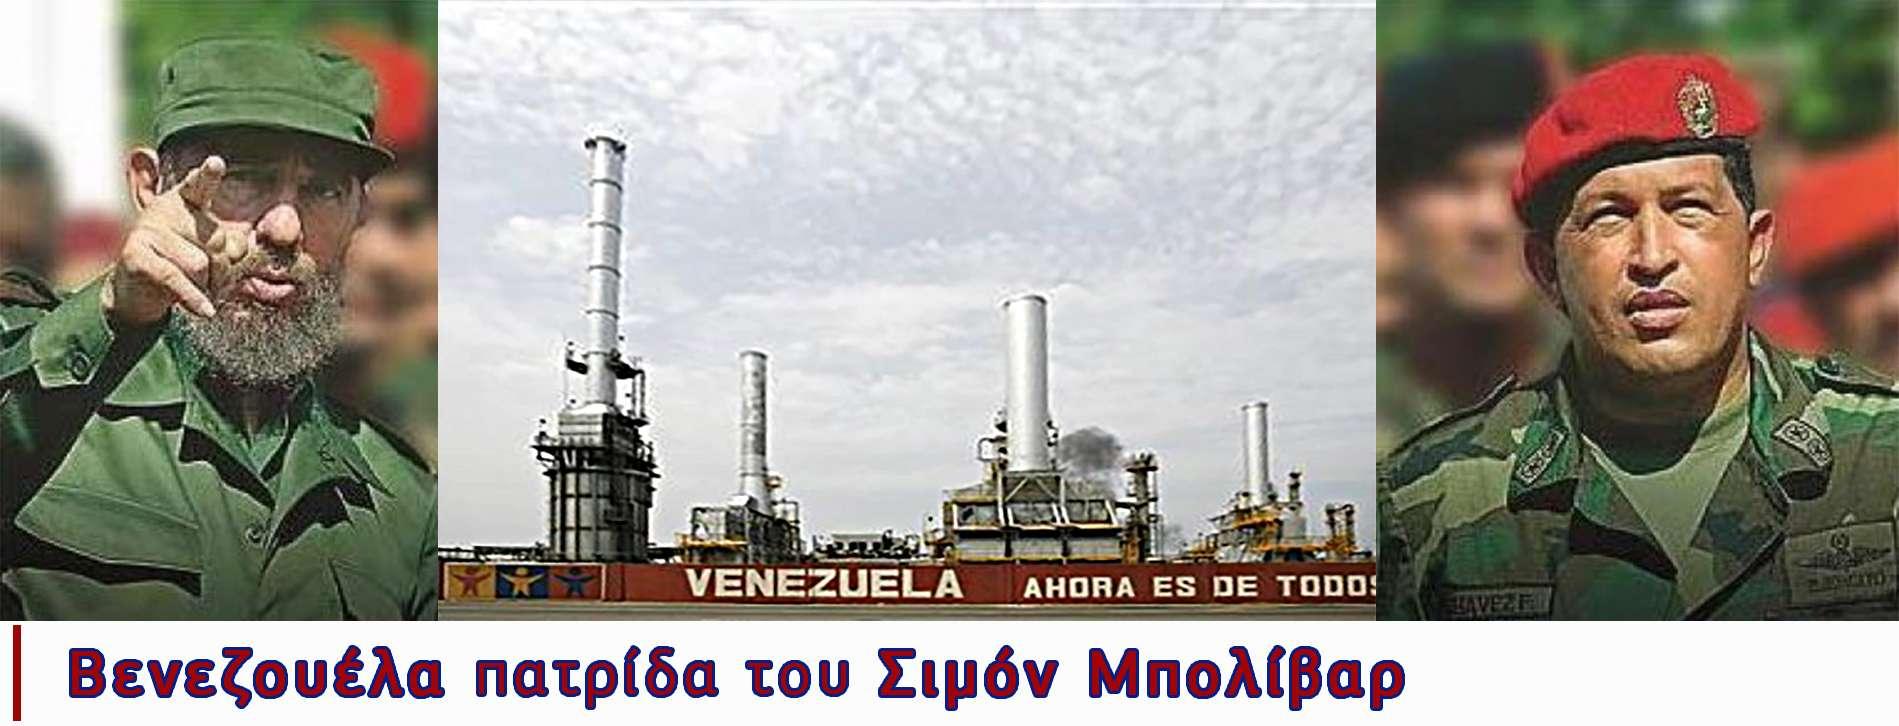 Βενεζουέλα πατρίδα Σιμόν Μπολίβαρ